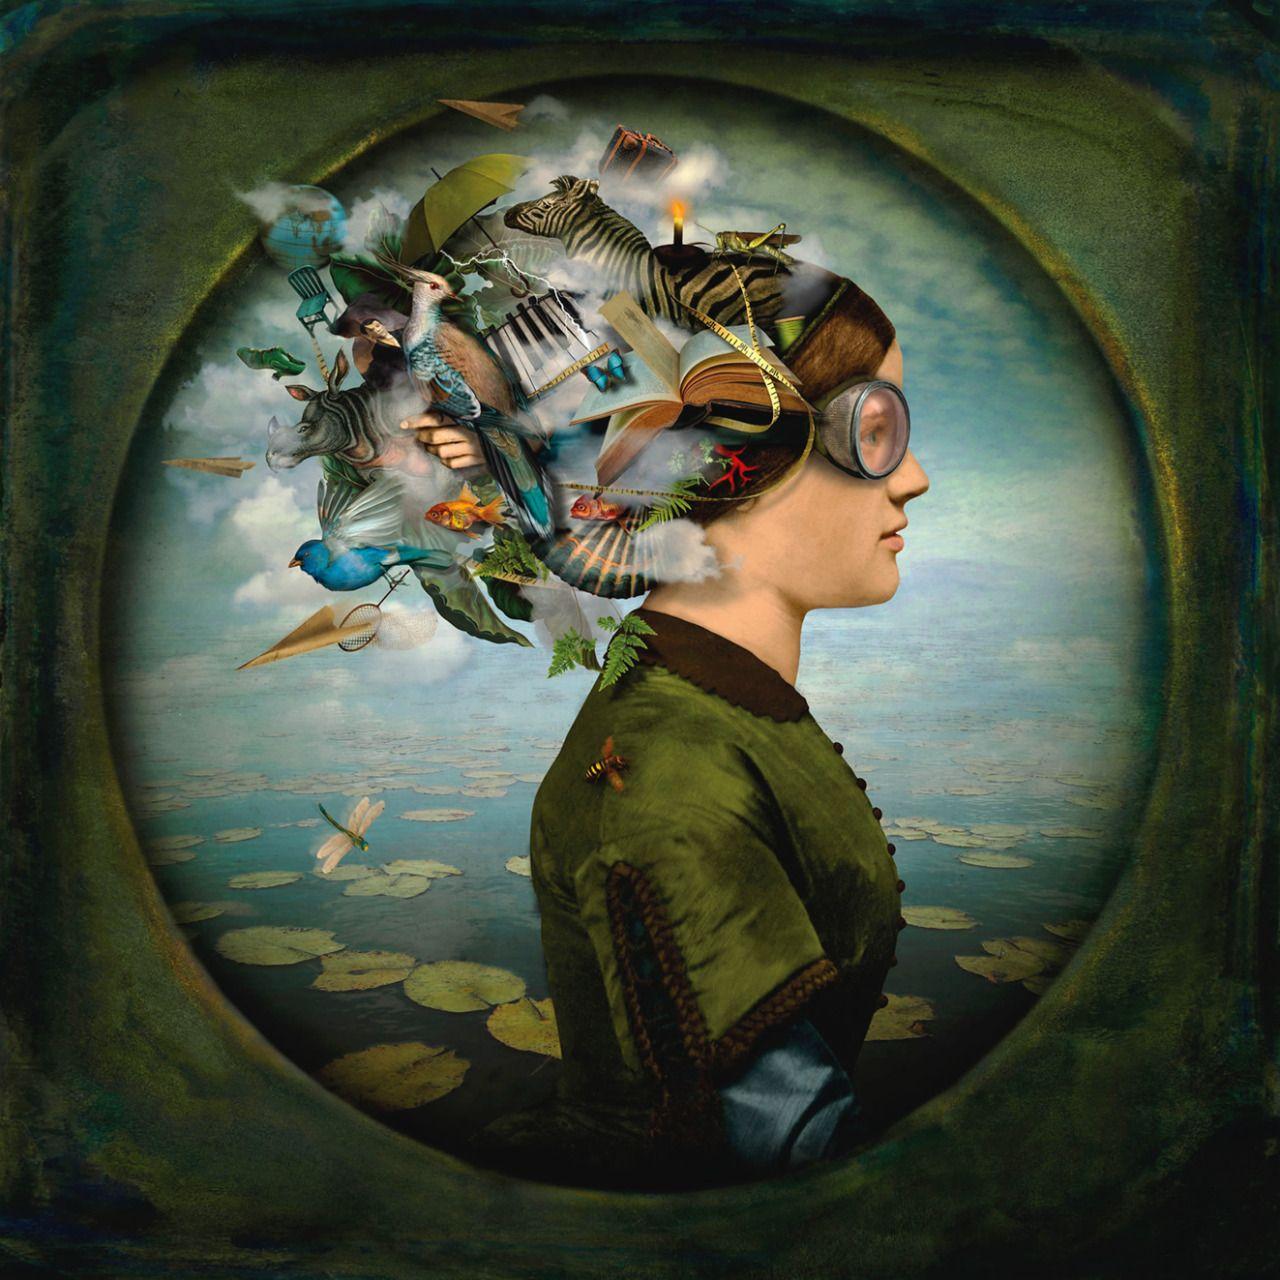 Burden of dreams II (2013). Maggie Taylor....